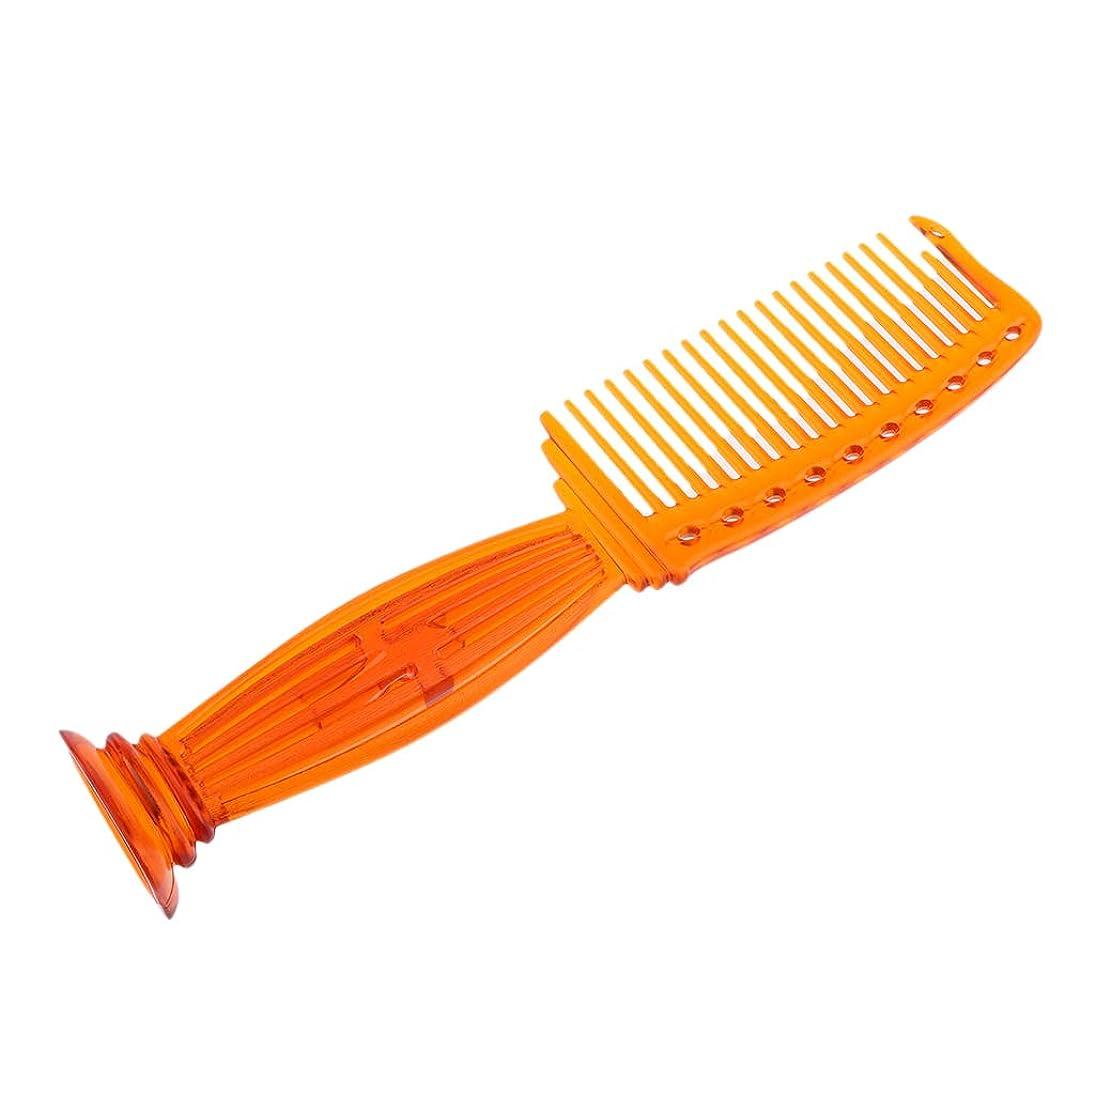 評論家注入するビタミンCUTICATE ヘアコーム ヘアブラシ プラスチック櫛 ワイド歯 プロ ヘアサロン 理髪師 全5色選べ - オレンジ